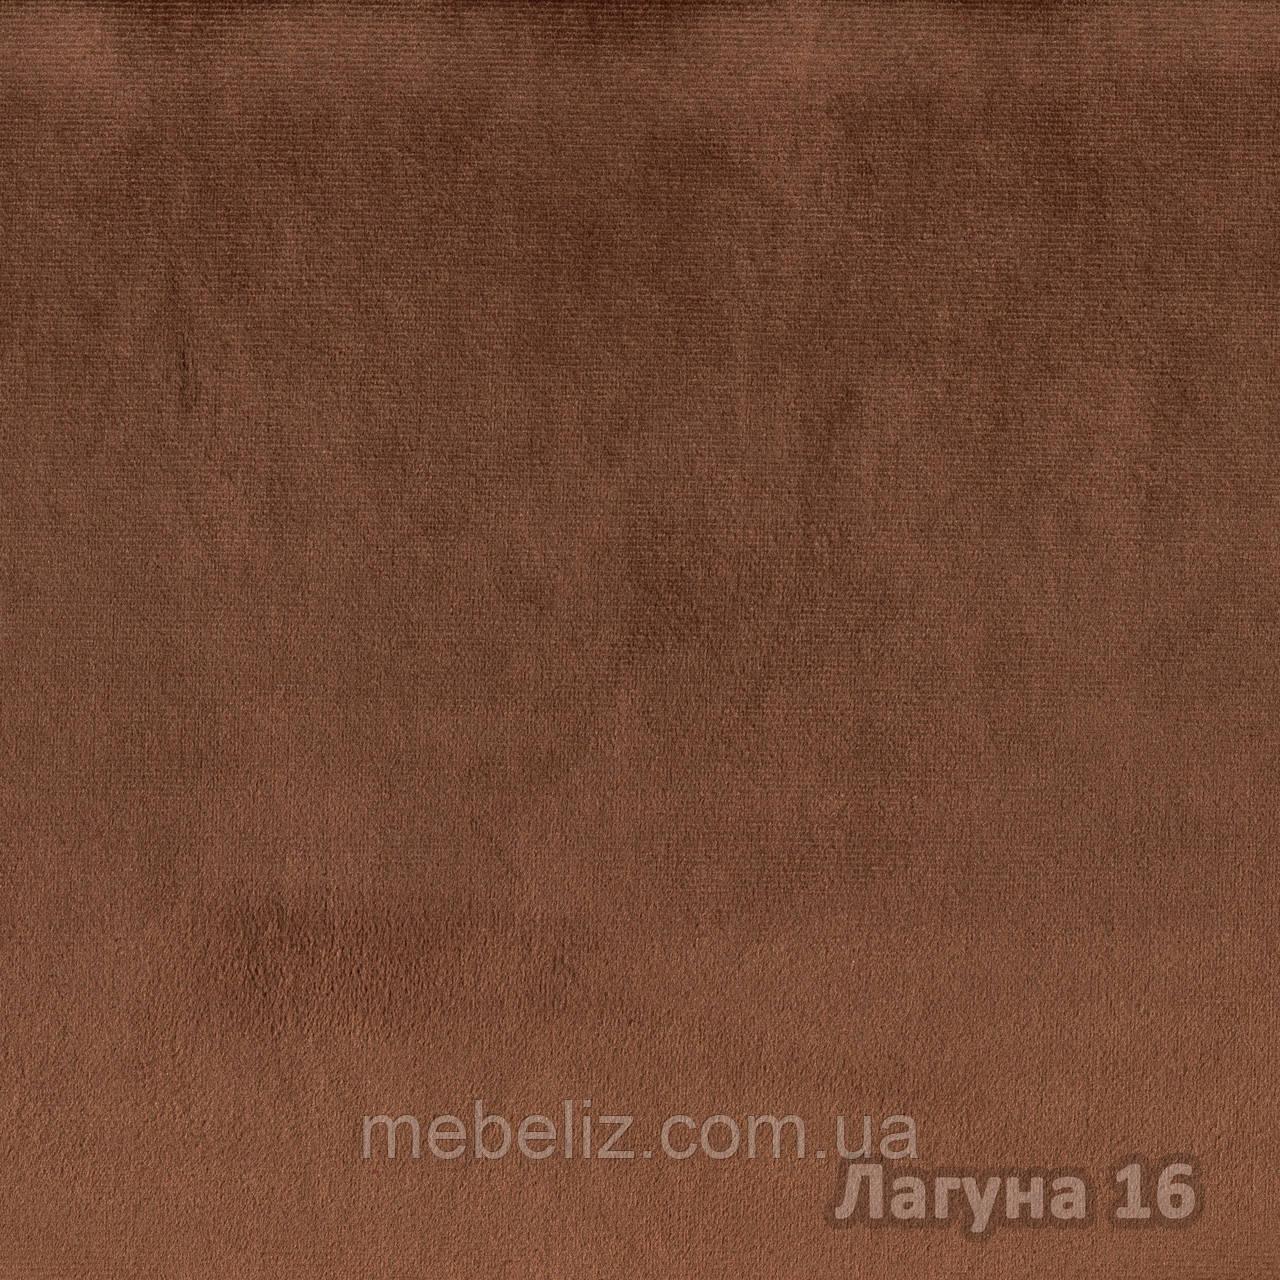 Ткань мебельная обивочная Лагуна 16